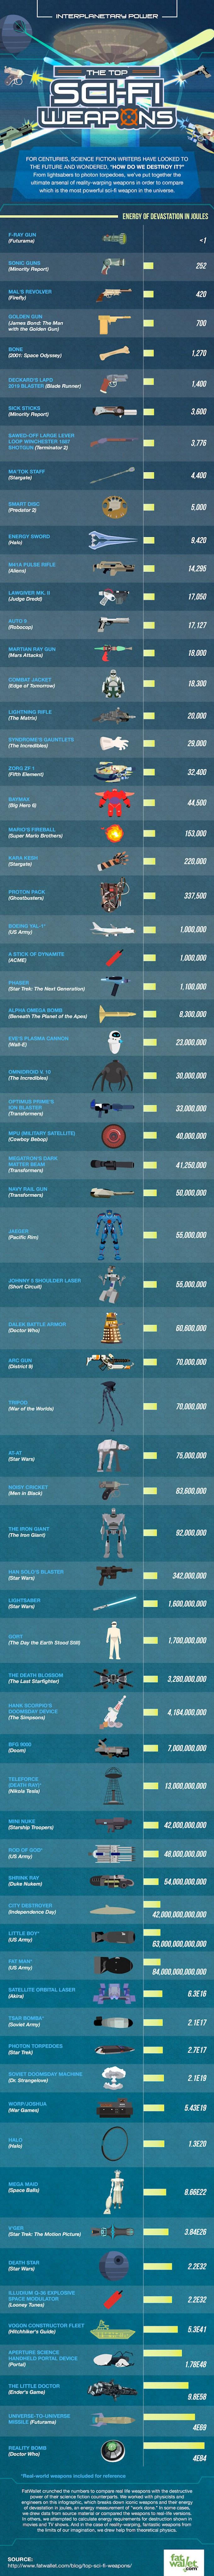 Инфографика  Рейтинг самого мощного оружия в кино